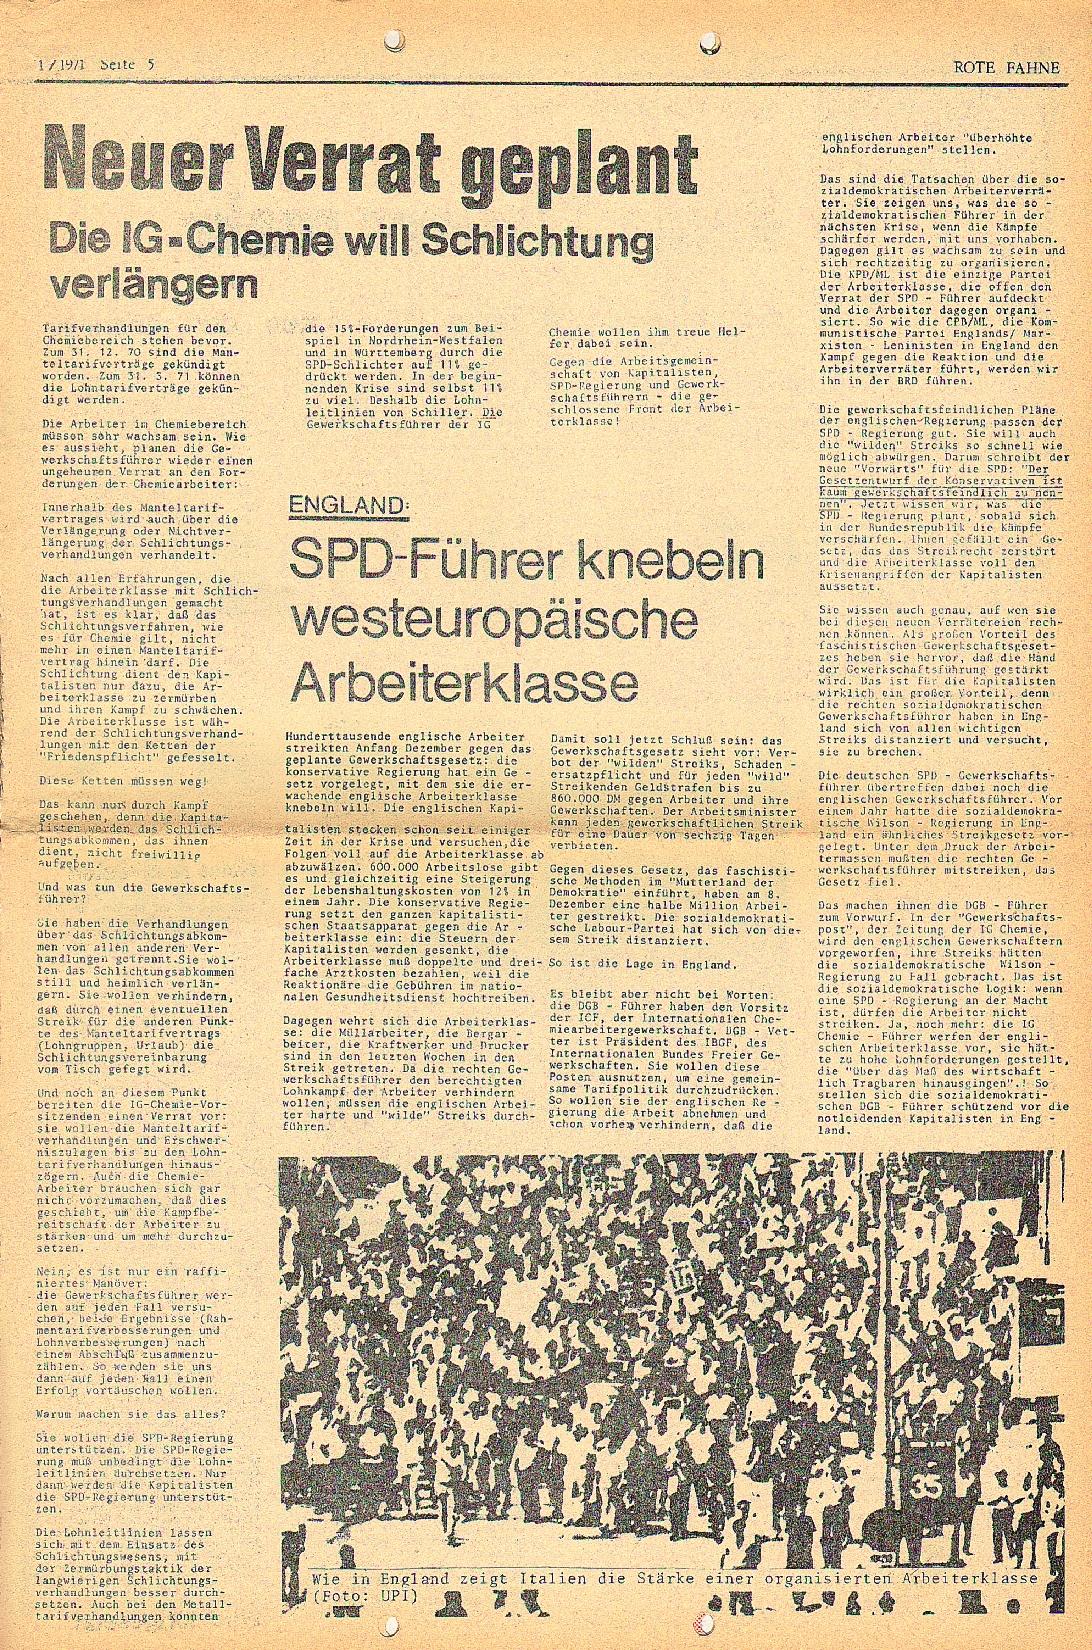 Rote Fahne, 2. Jg., 18.1.1971, Nr. 1, Seite 5